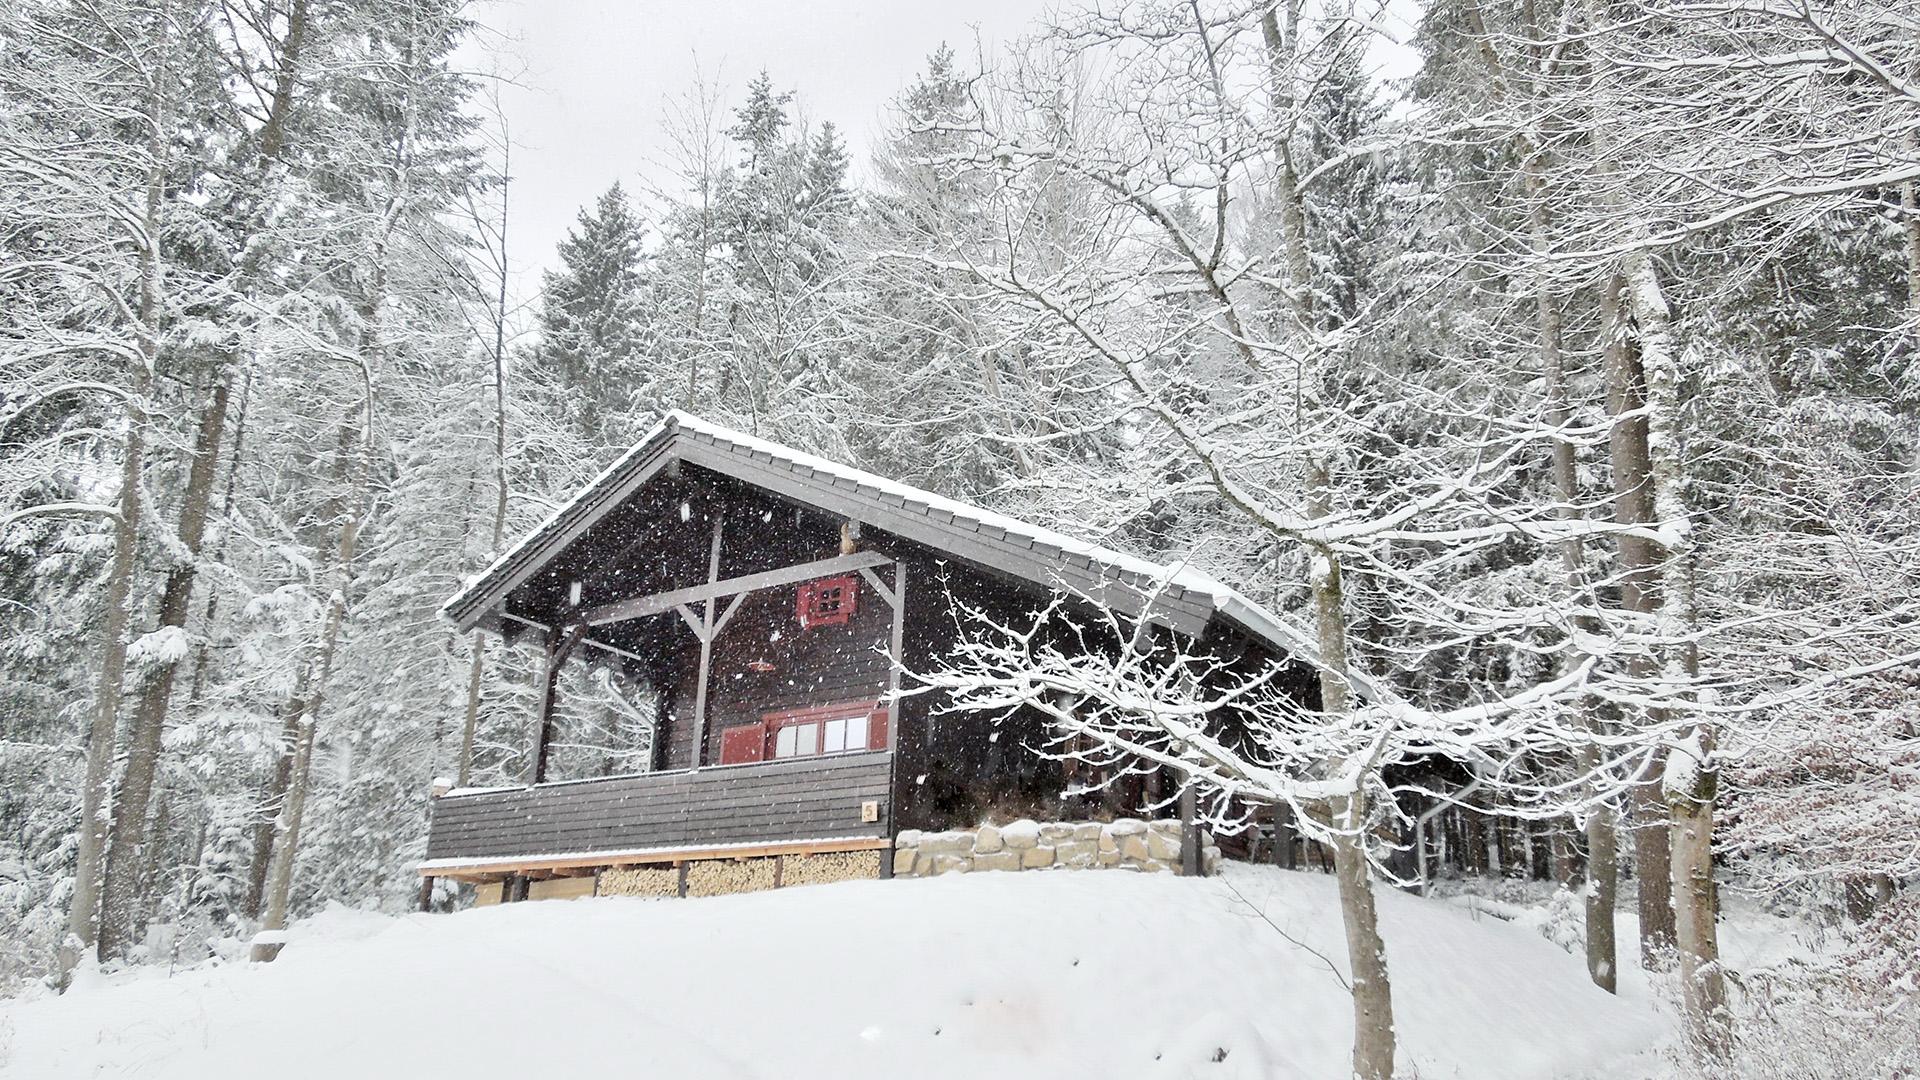 Blockhaus-Bodefall-Winter-Blockhaus-im-Schnee